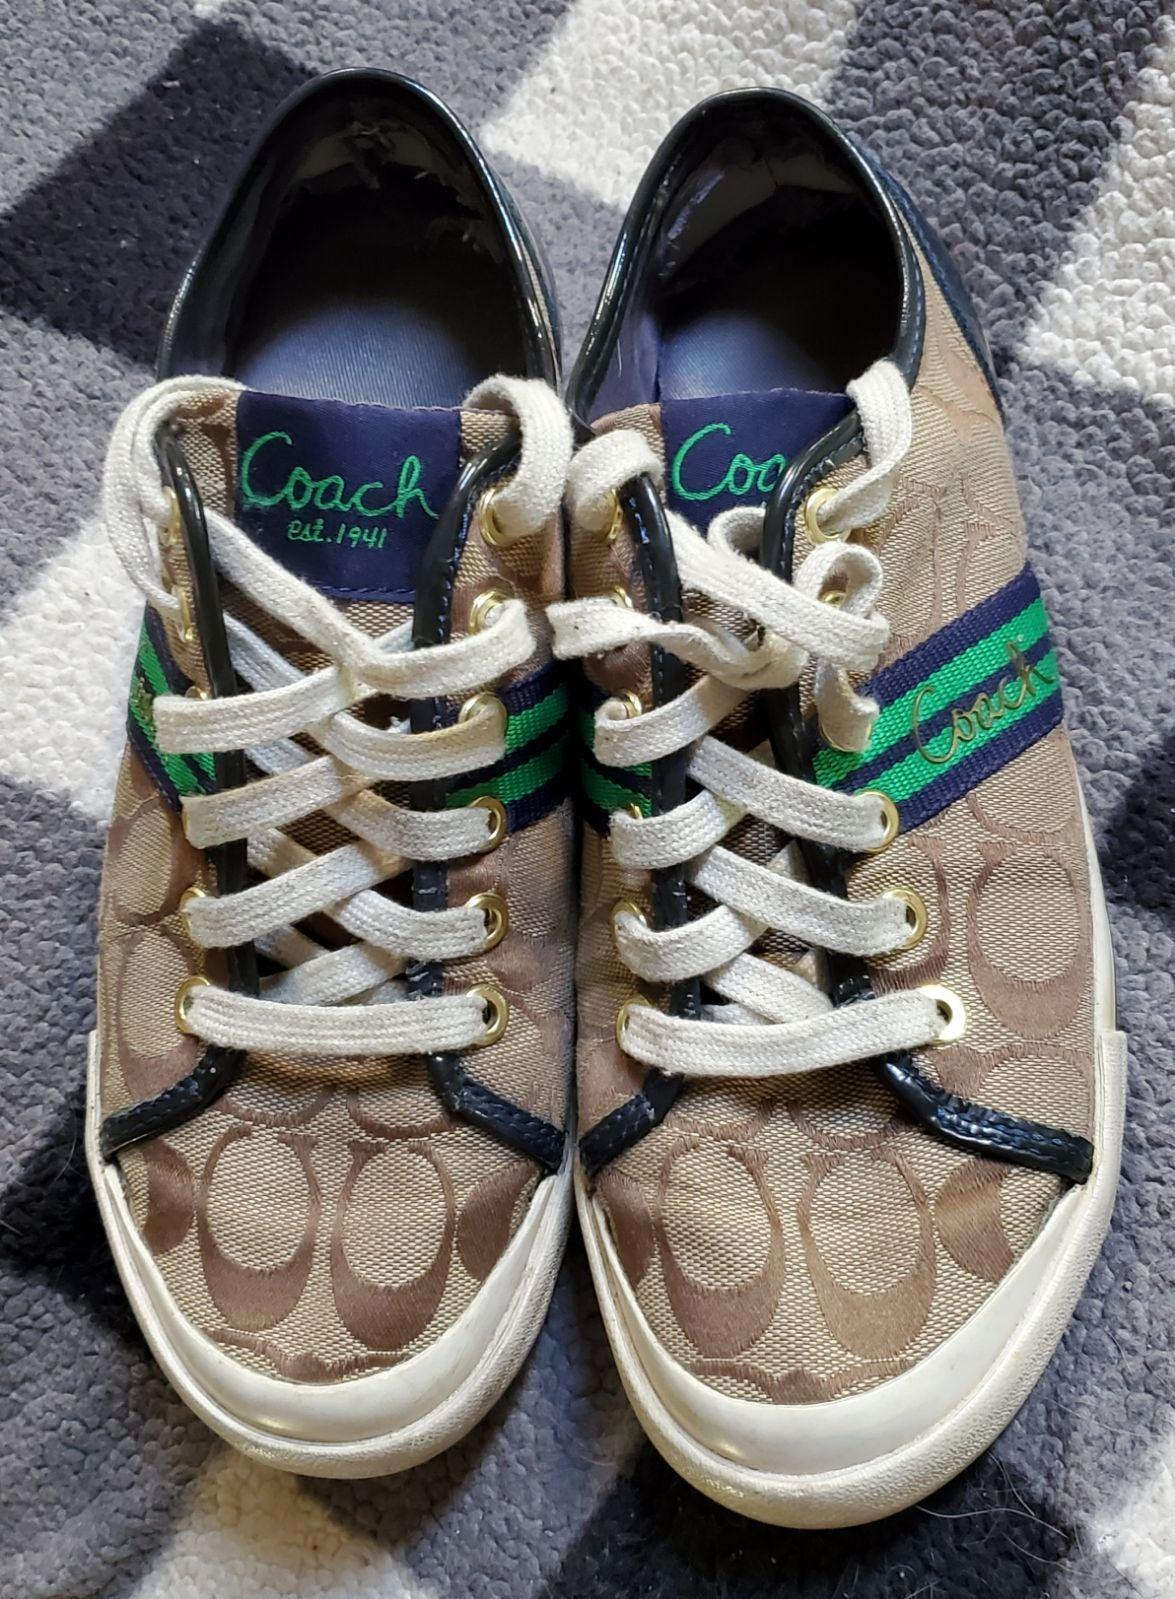 Coach shoes 7.5